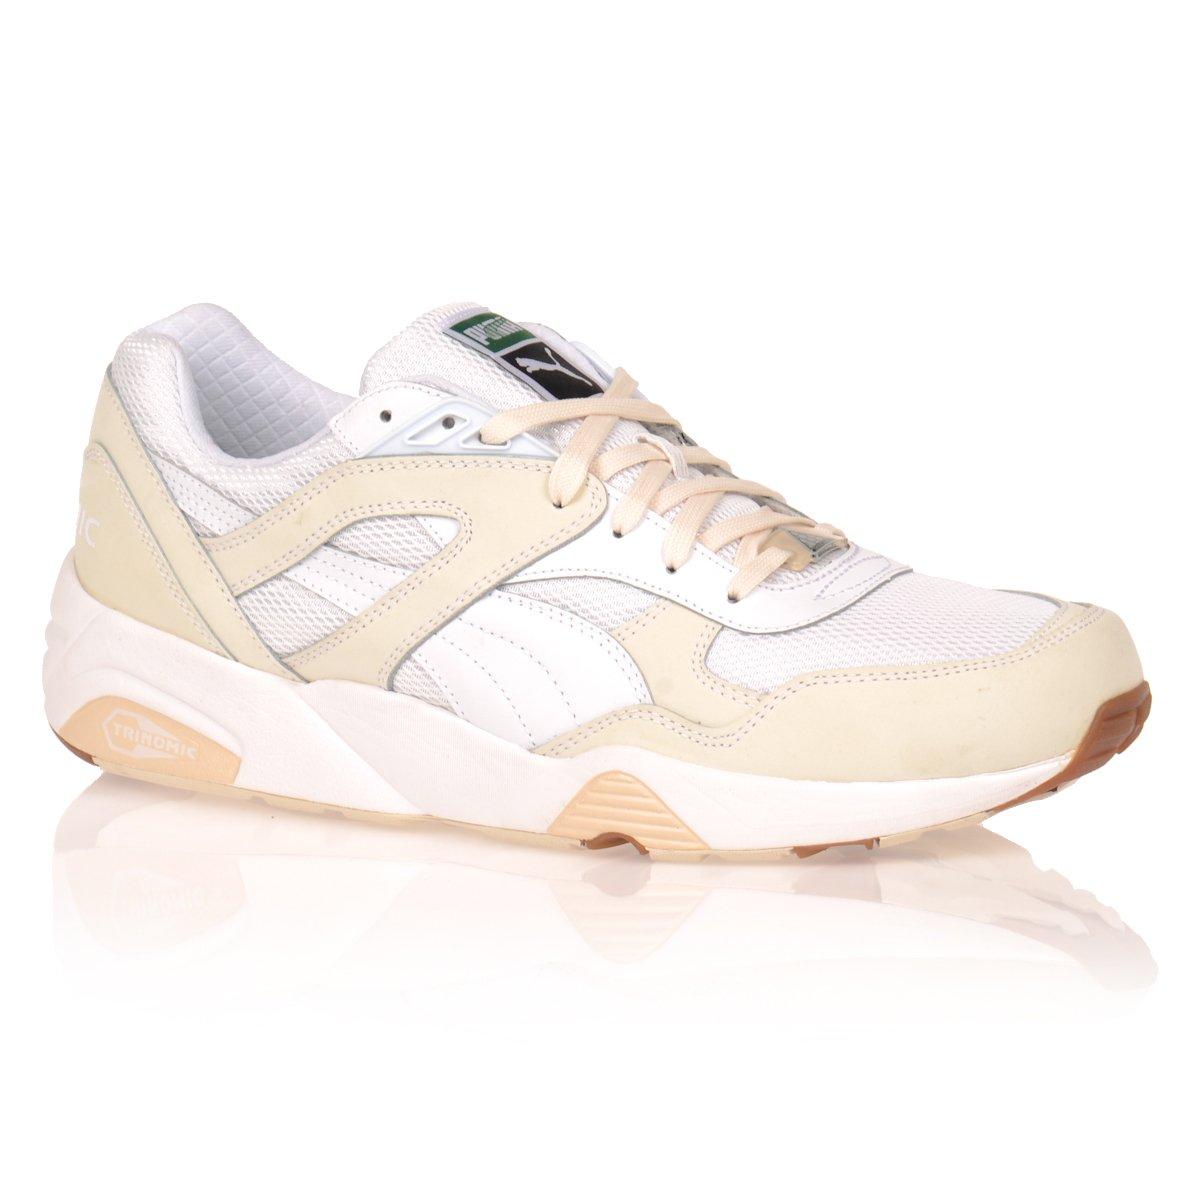 Męskie Sportowe Buty Puma Trinomic R698 White